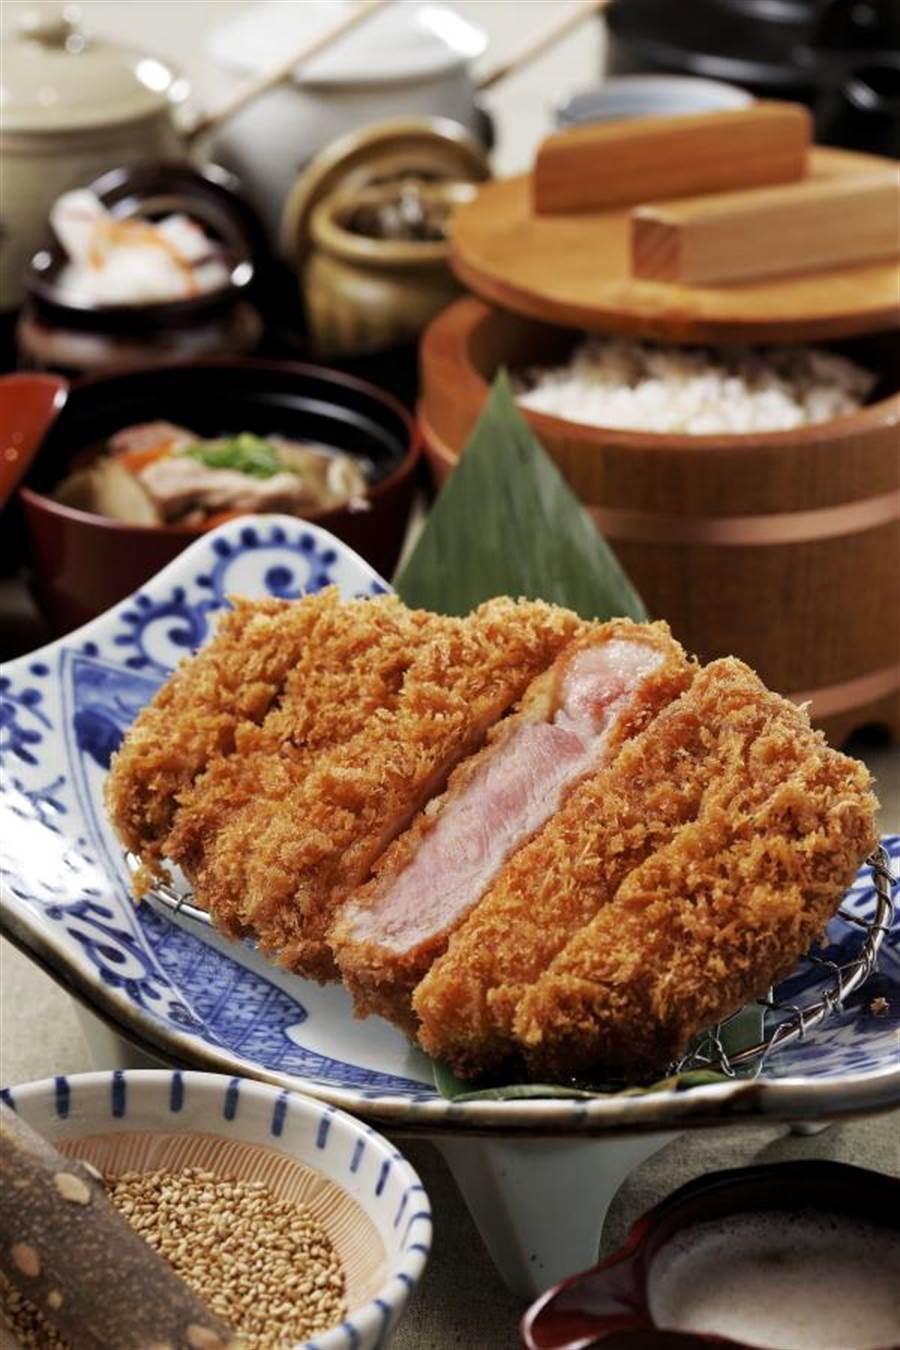 主廚嚴選「黑豚里肌」部位入饌,深受老饕讚譽。(圖片提供/靜岡-勝政日式豬排)